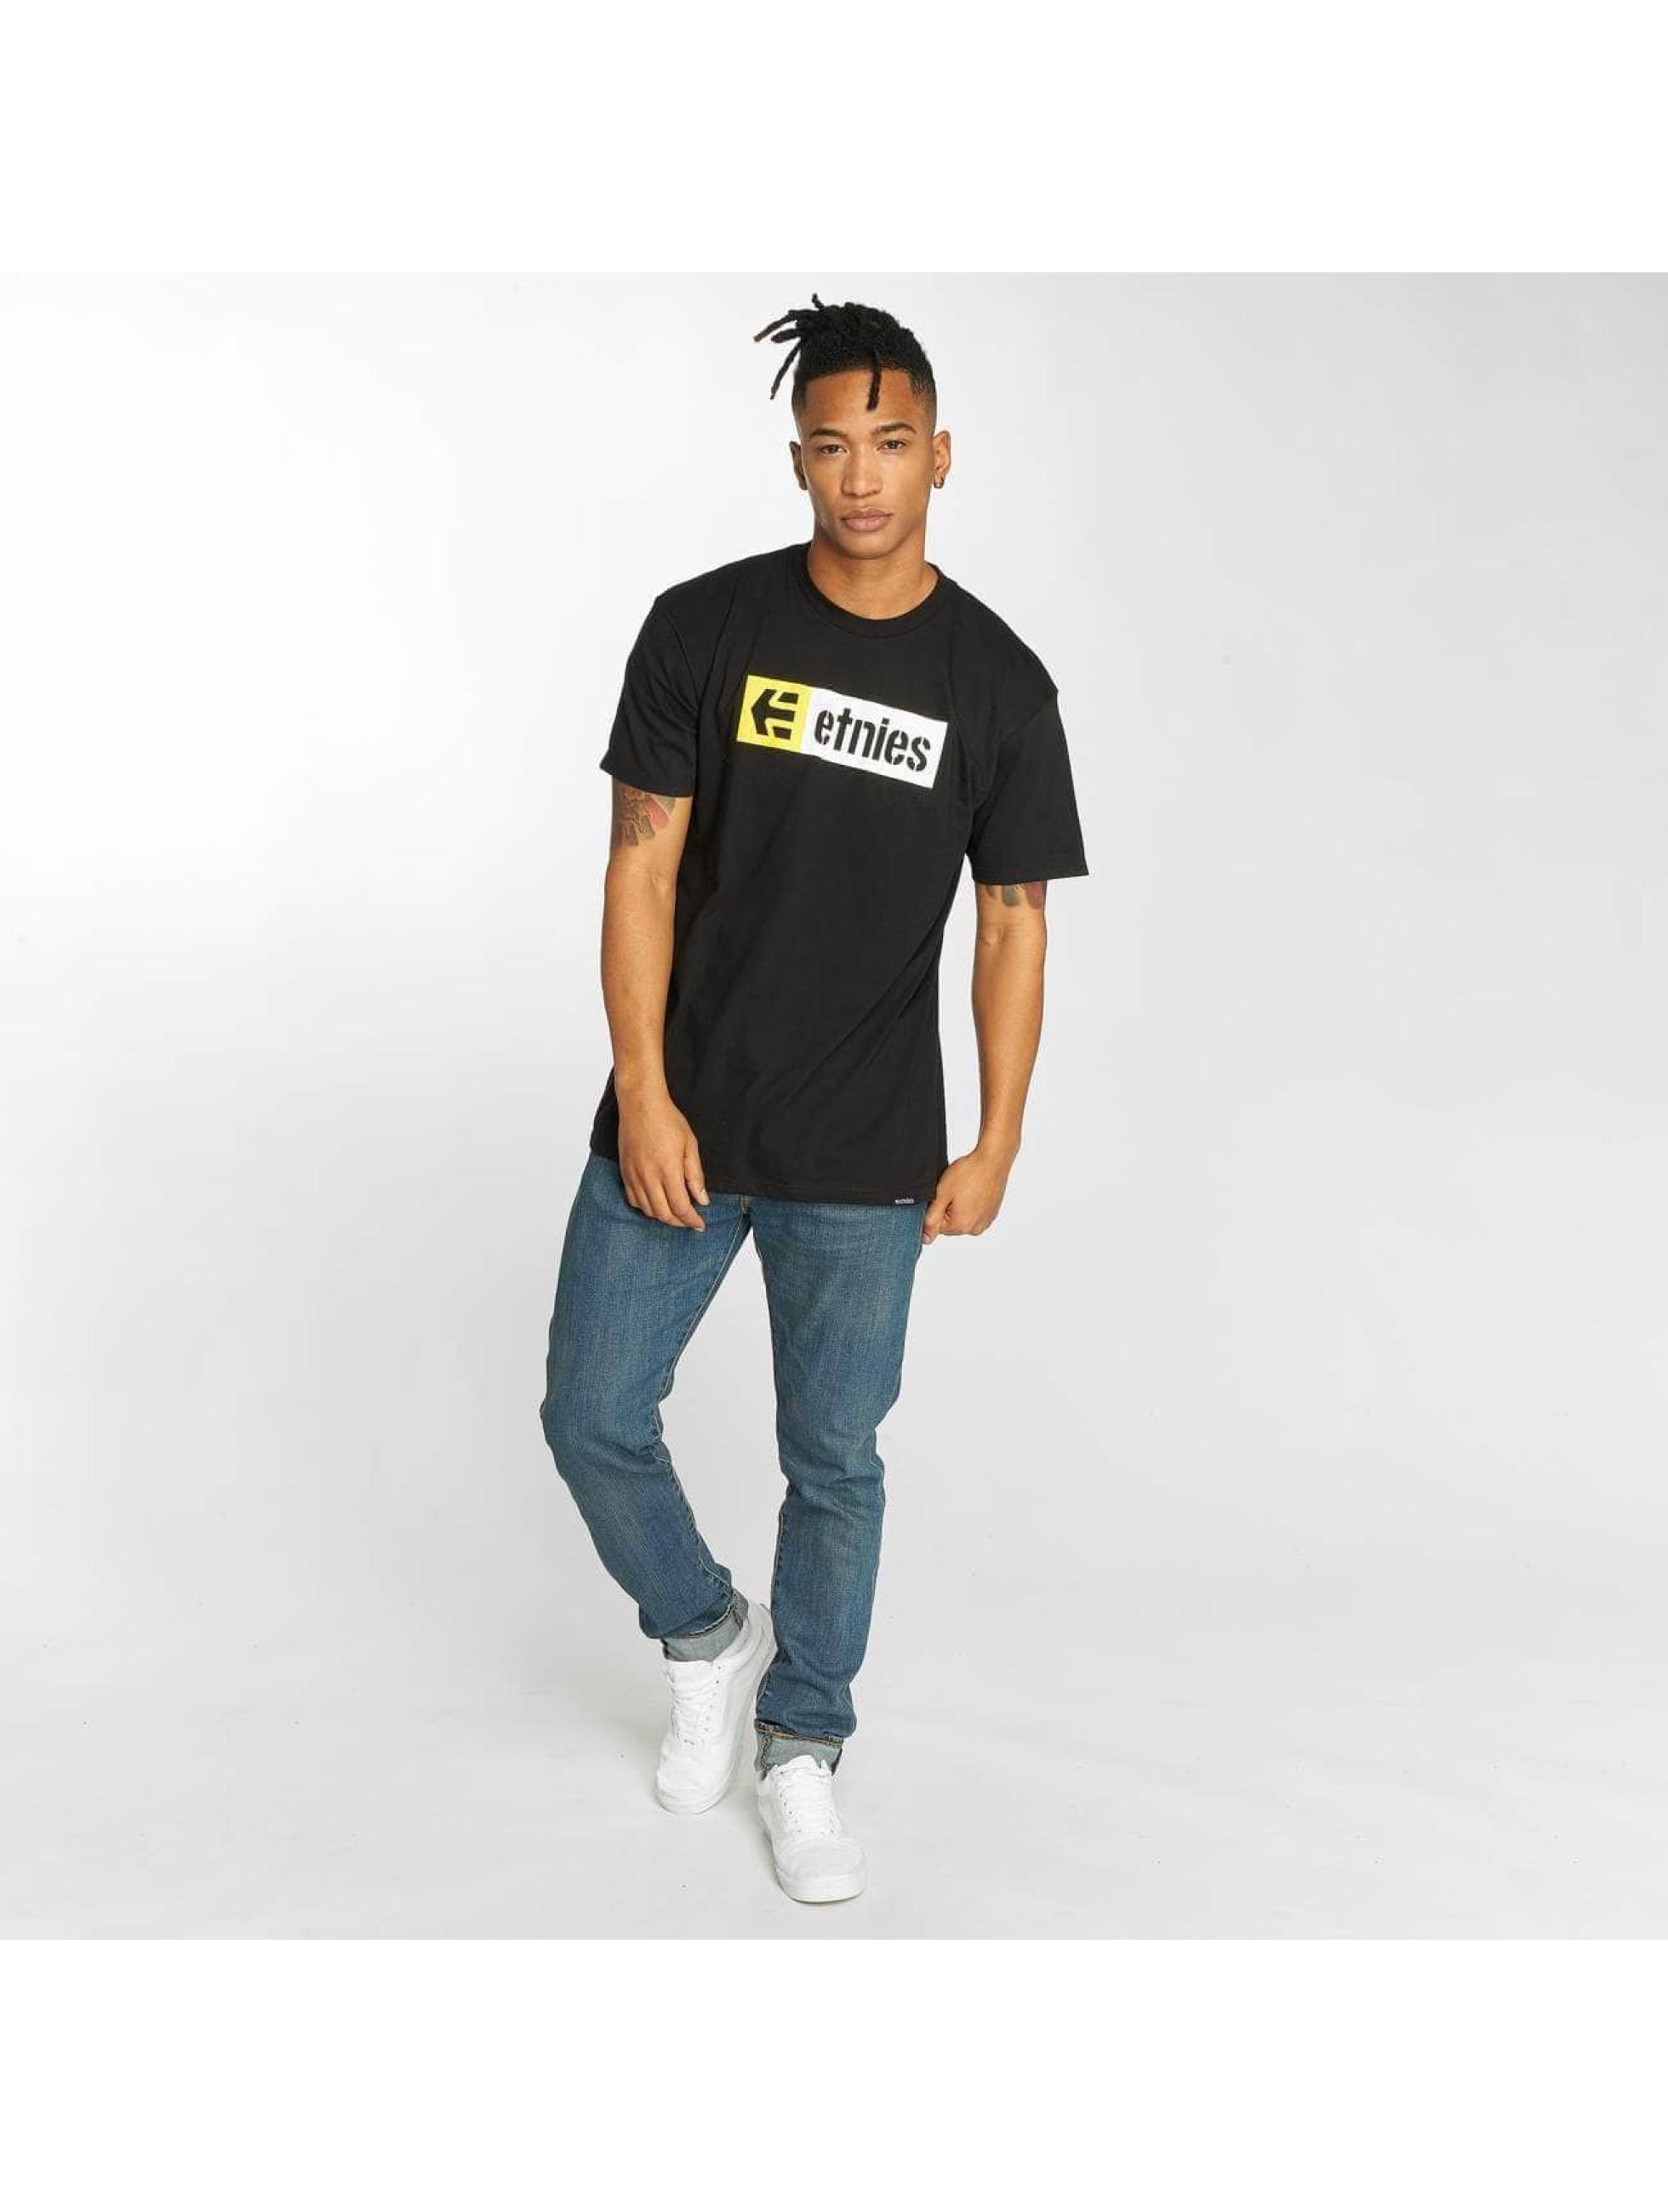 Etnies T-Shirt New Box grau